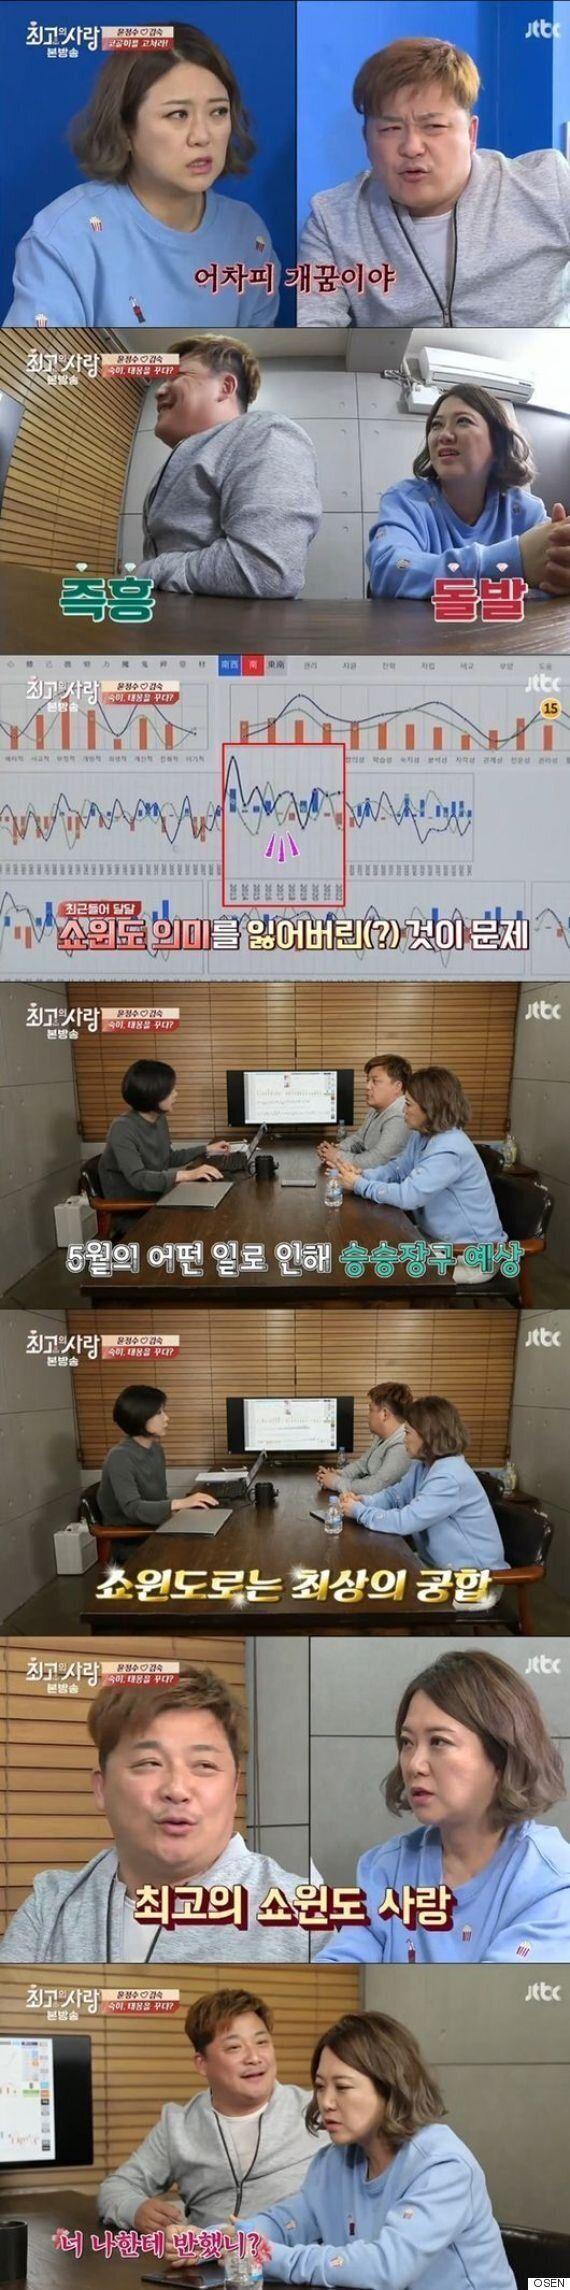 [어저께TV] '님과함께' 윤정수♥김숙, 꿈으로 본 현실 커플